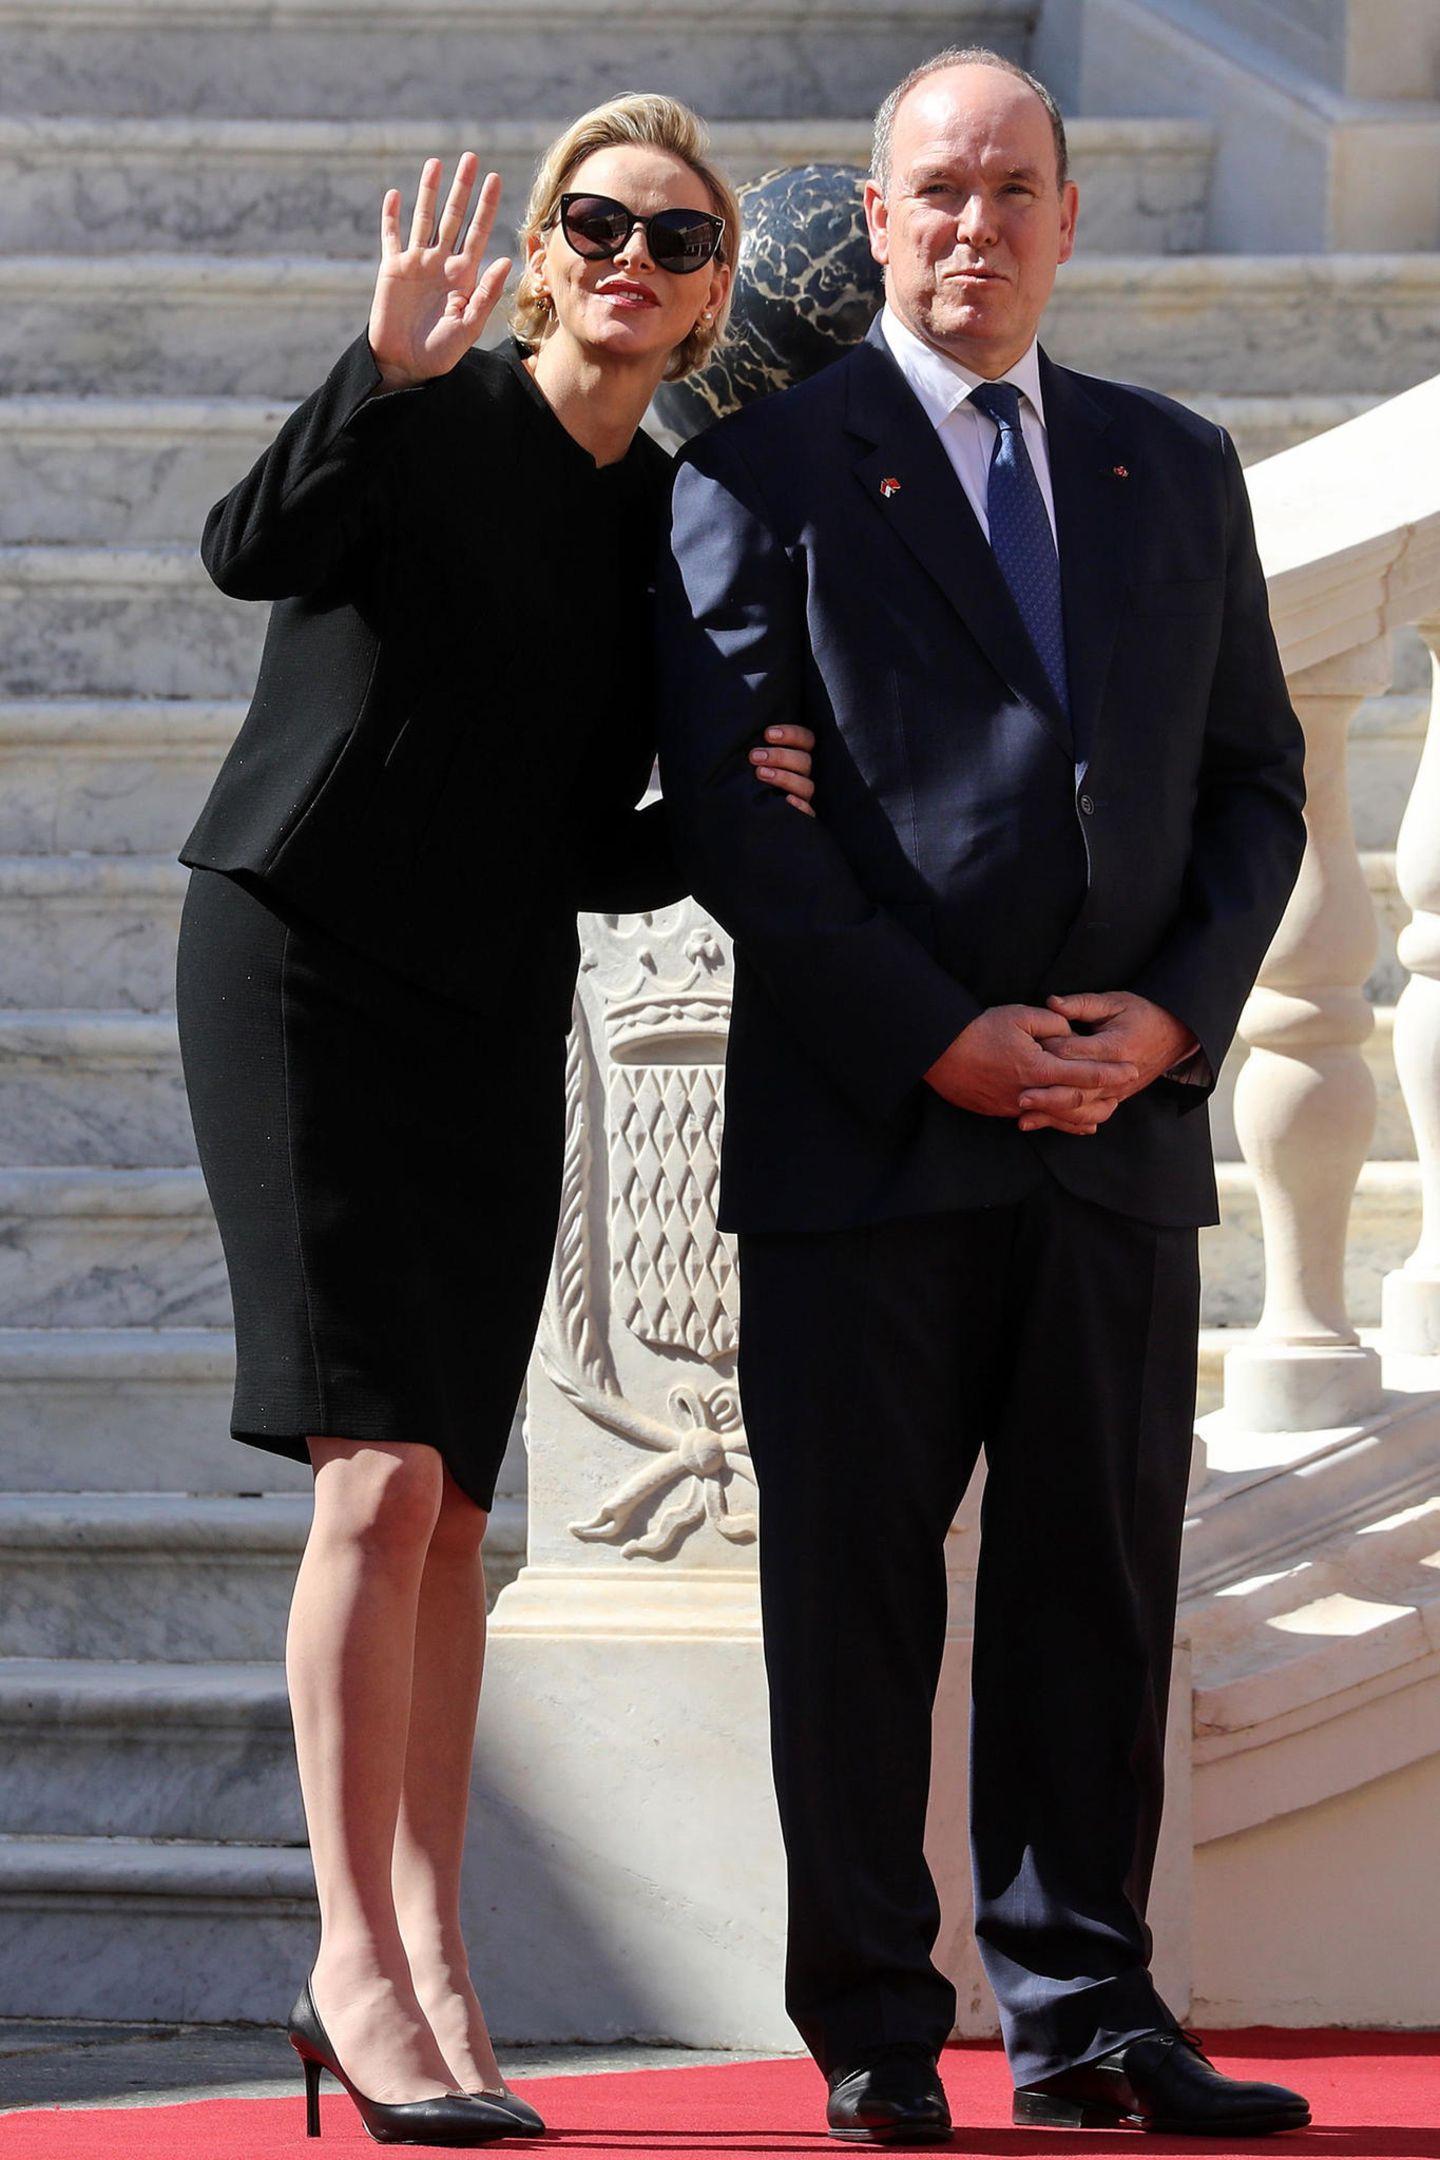 Ihre Stimmung vor dem Palast ist allerdings nicht ganz so düster wie ihr Beerdigungslook. Fröhlich winkt sie jemandem zu.